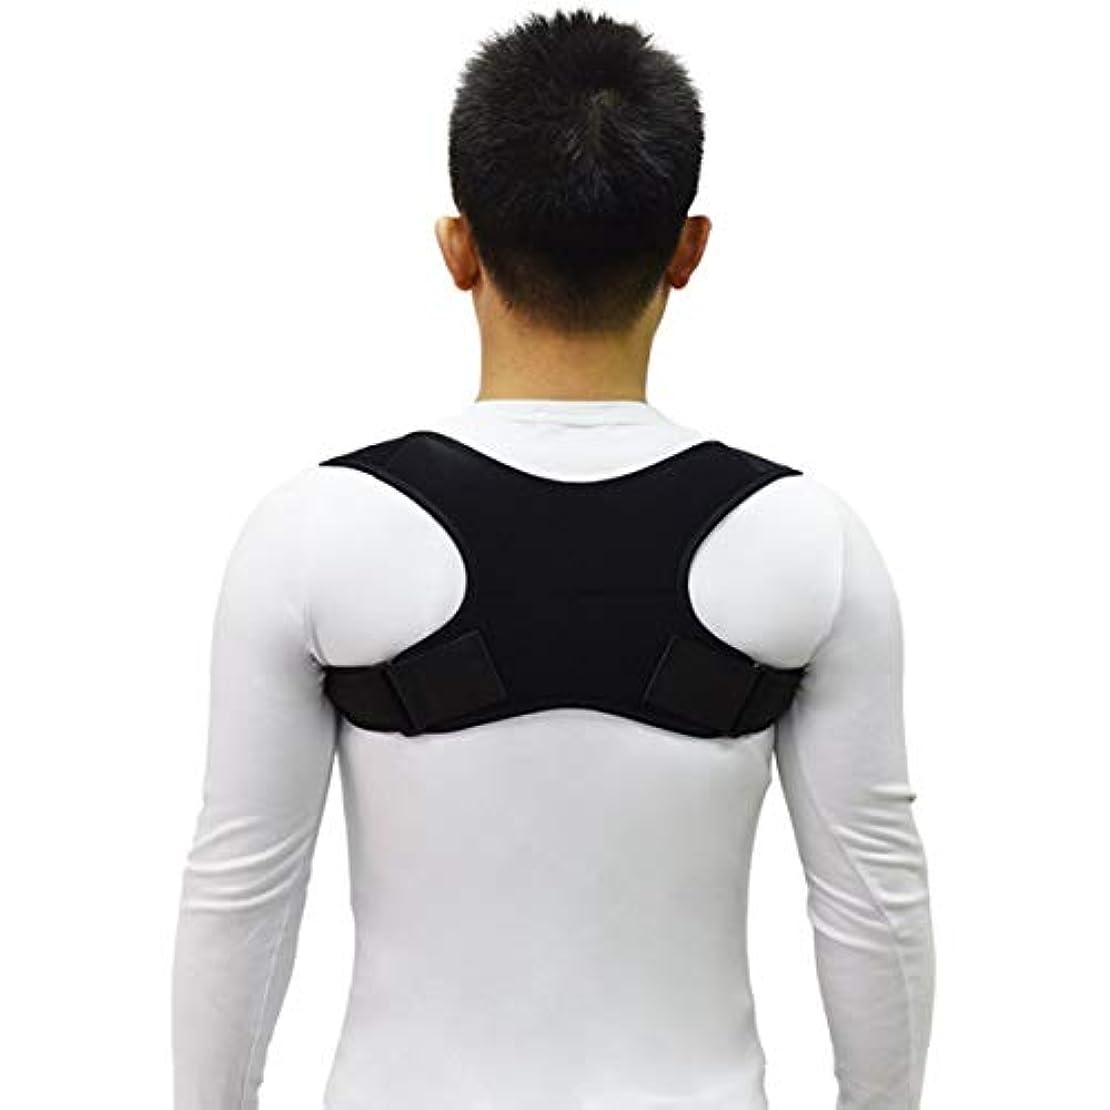 あからさま楽観的オピエート新しいアッパーバックポスチャーコレクター姿勢鎖骨サポートコレクターバックストレートショルダーブレースストラップコレクター - ブラック